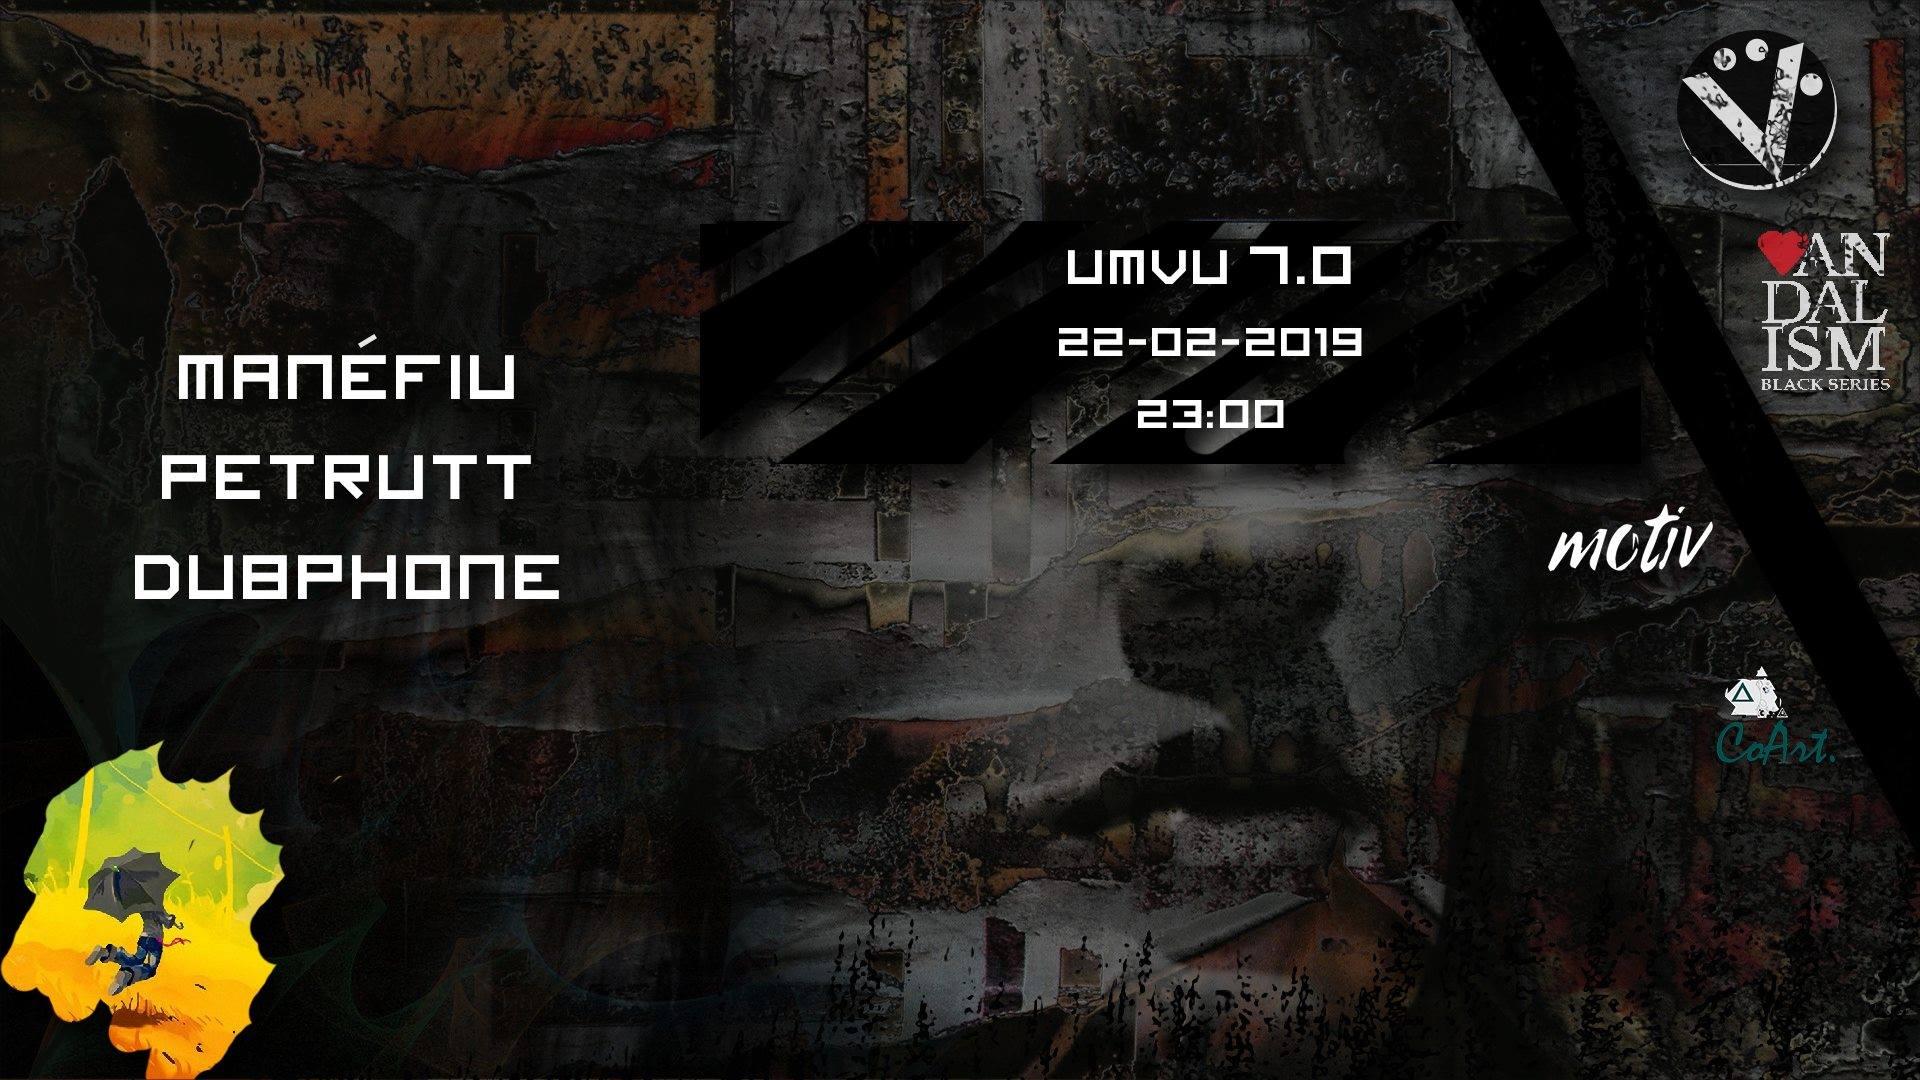 UMVU 7.0 w/ Manéfiu Petrutt Dubphone @ Motiv